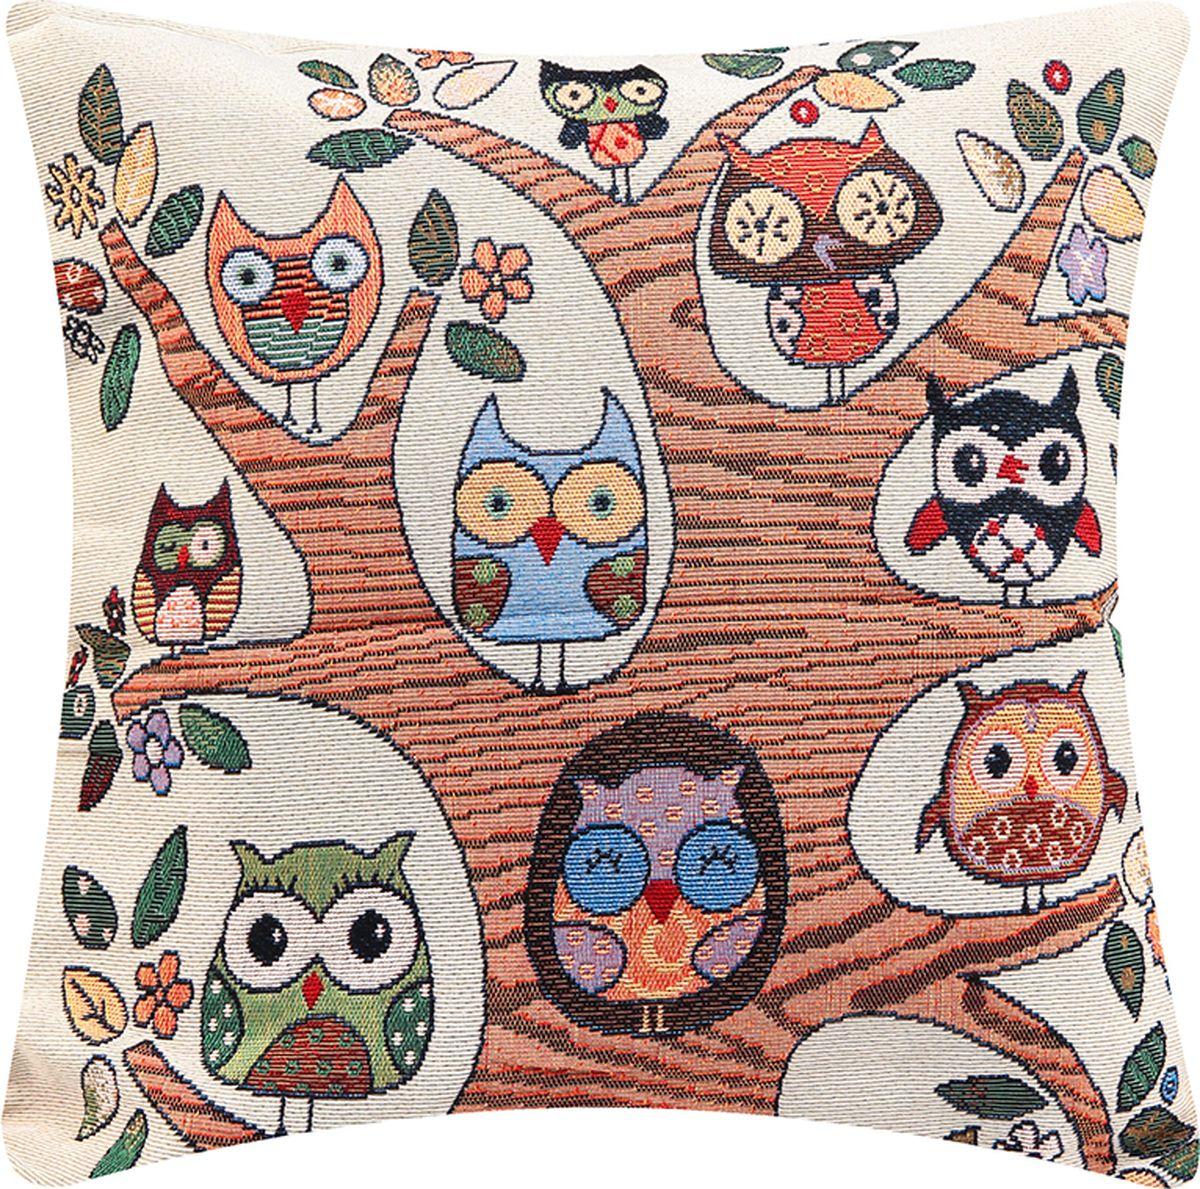 Подушка декоративная EL Casa Совы на дереве, 43 x 43 см171534Прекрасный способ оживить интерьер - это добавить в него несколько ярких акцентов. Декоративные подушки помогут вам с этой задачей.Удивите гостей неожиданным преображением вашего дома. Ведь уют и красота складываются из мелочей.